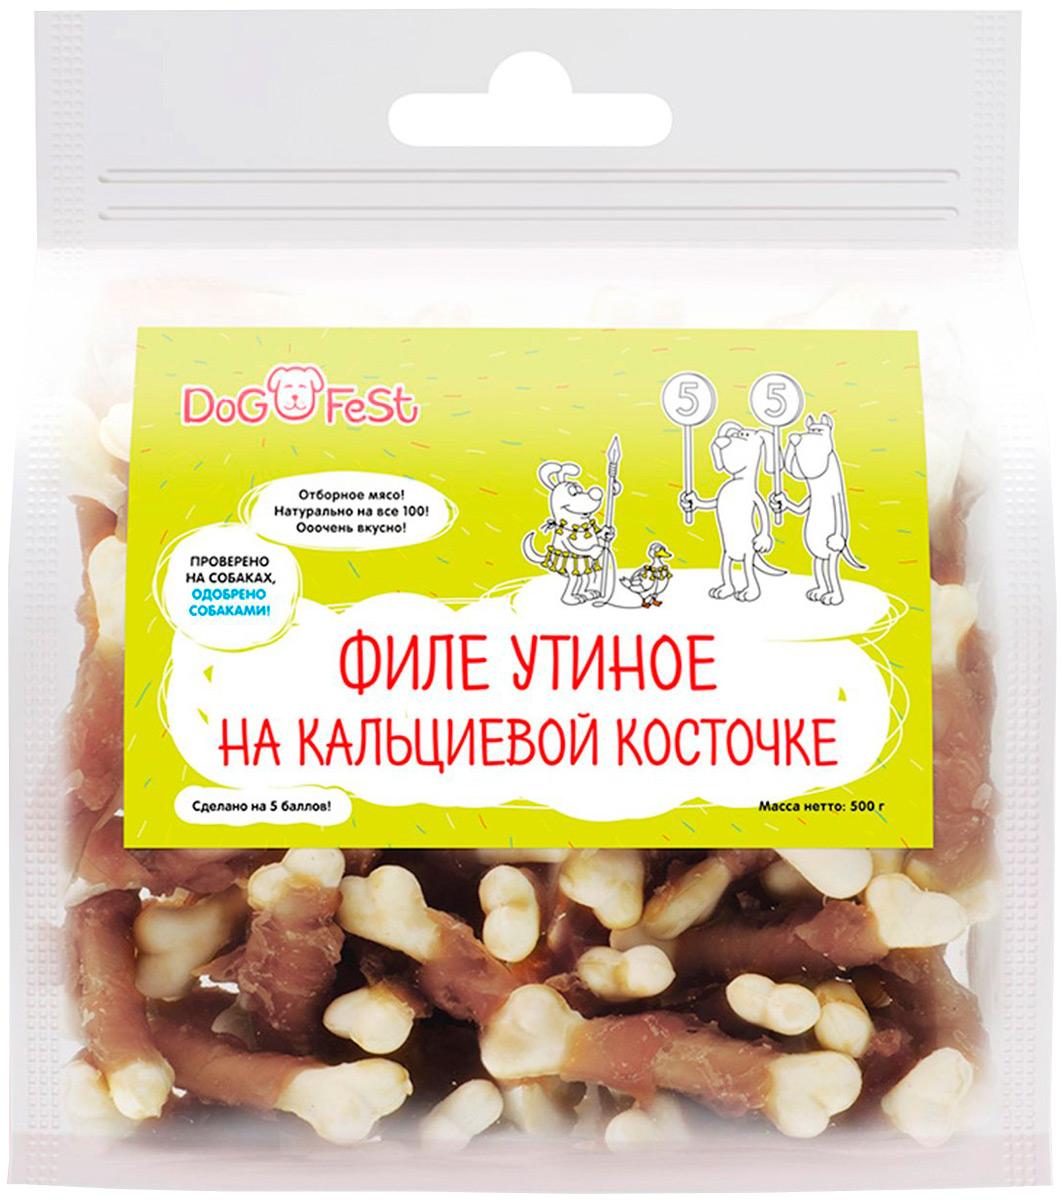 Лакомство Dog Fest для собак филе утиное на кальциевой косточке 500 гр (1 шт)